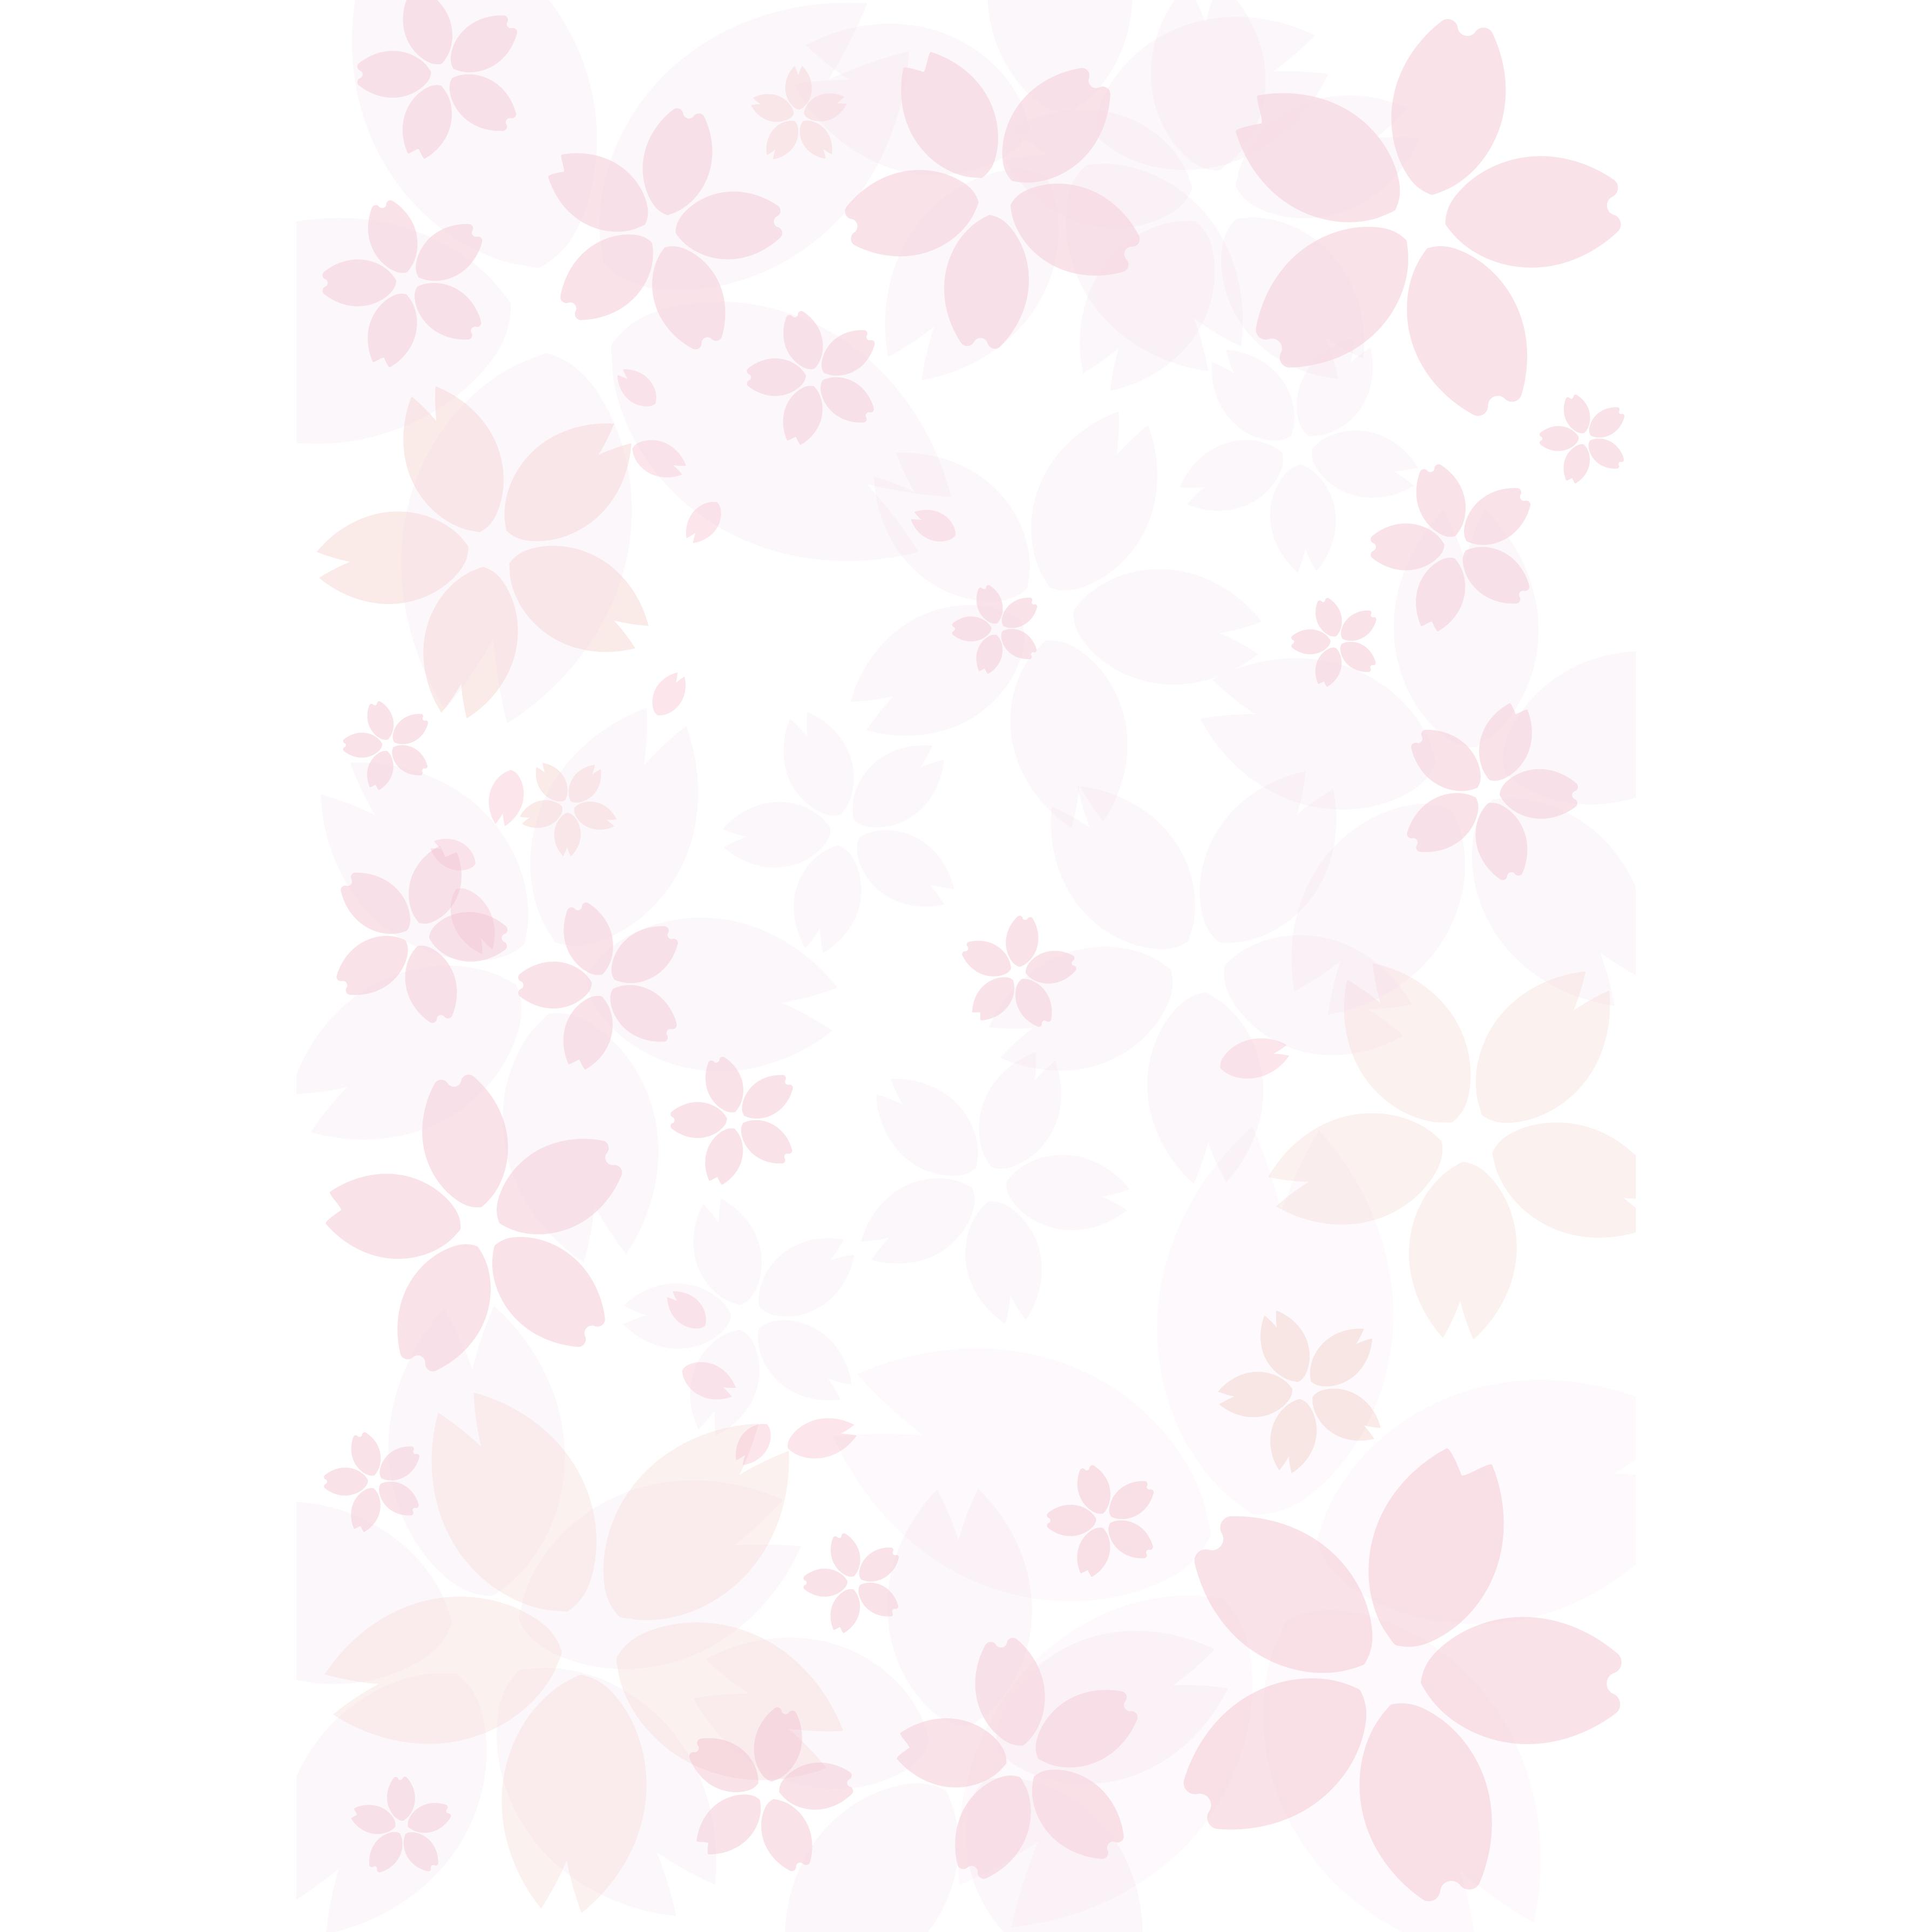 ダウンロード可能 背景 桜 イラスト イラスト画像集